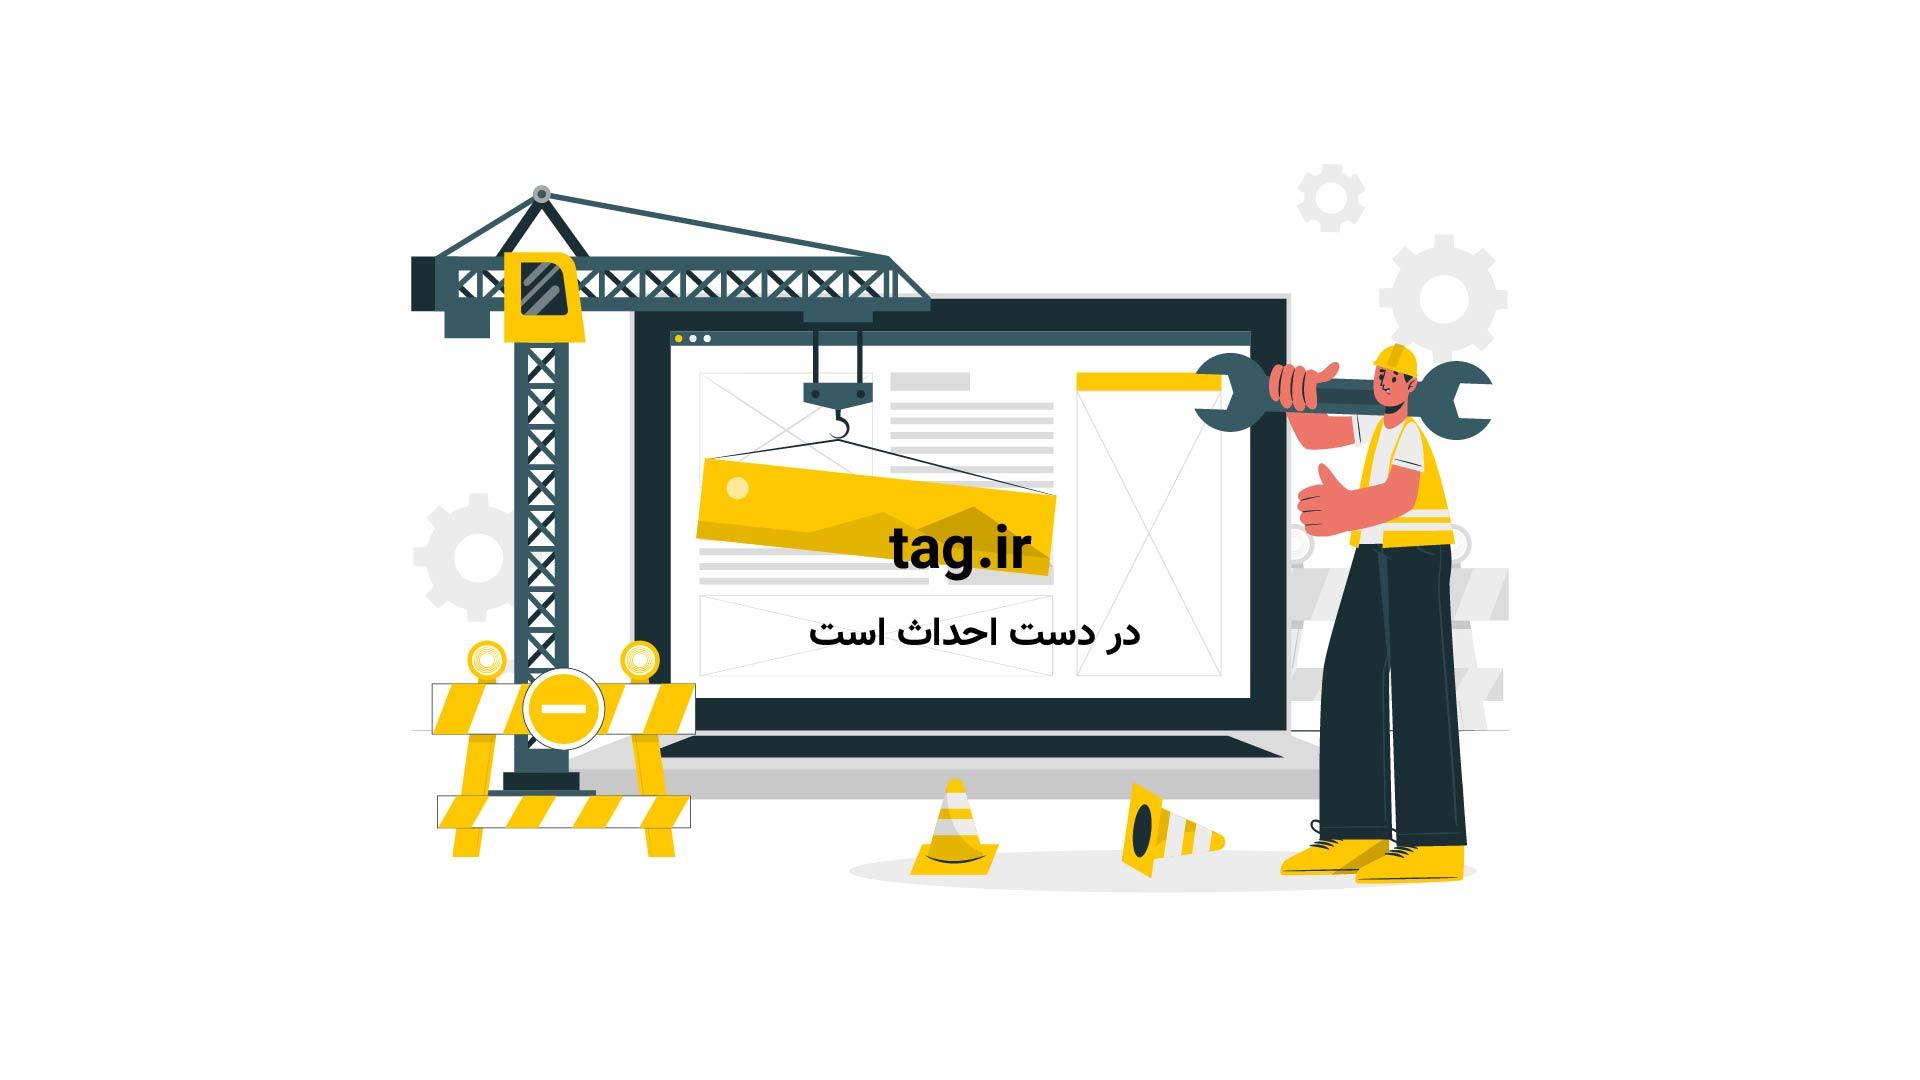 آلودگی هوا و تأثیر آن بر سلامت پوست   فیلم